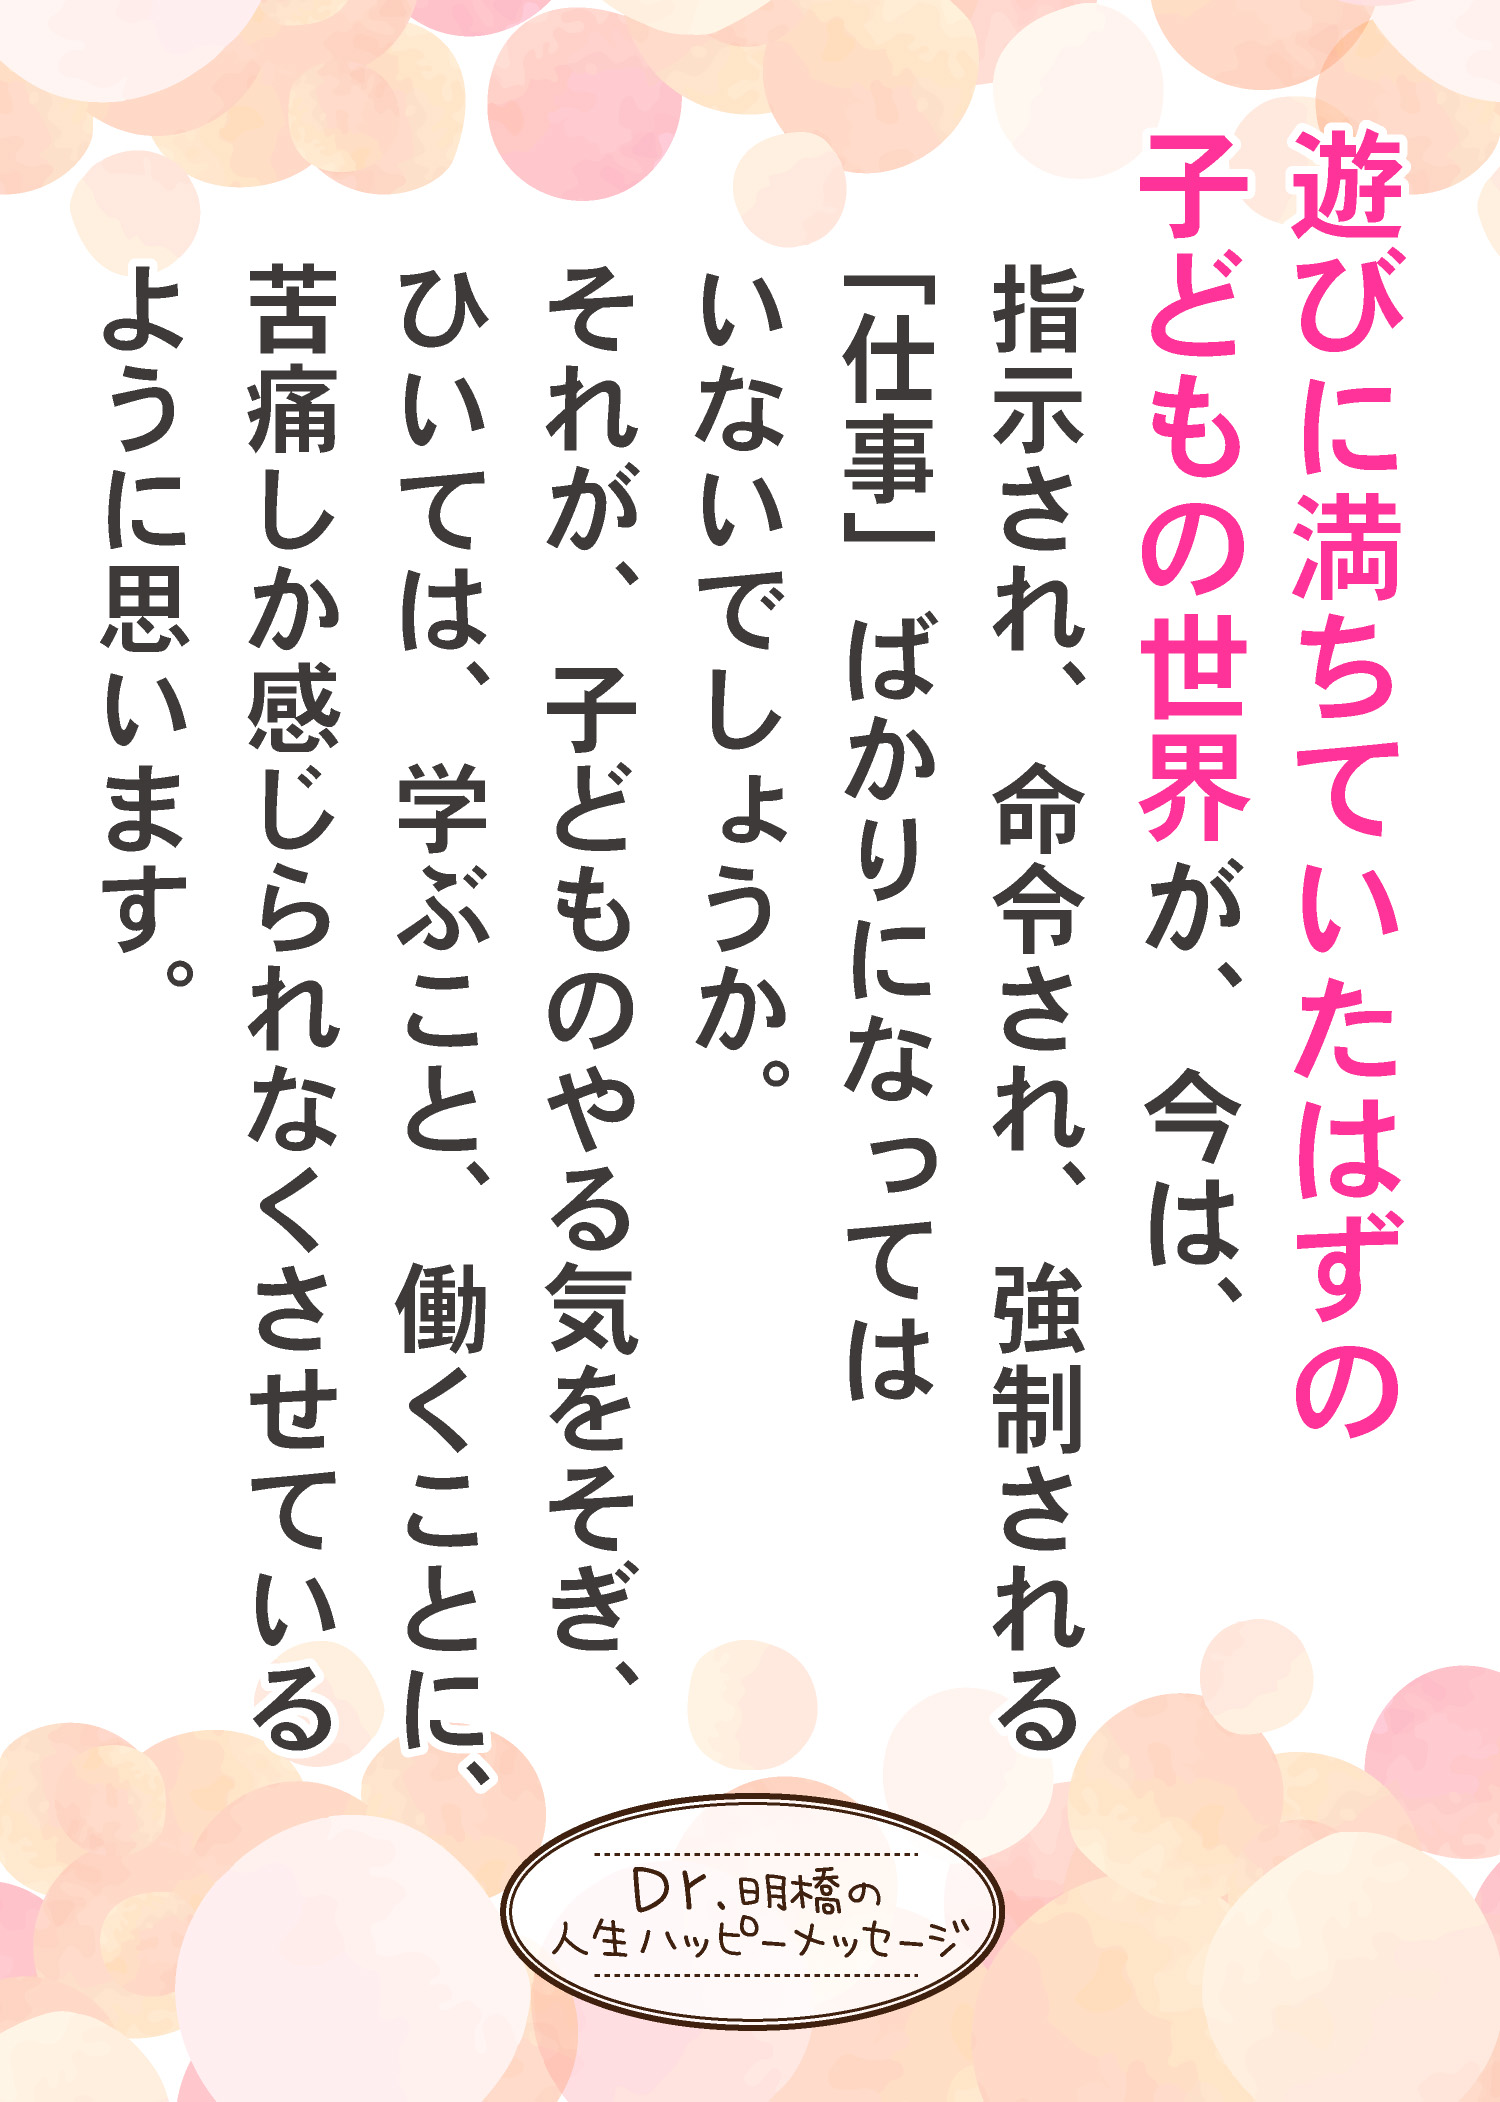 明橋先生ハッピーメッセージ